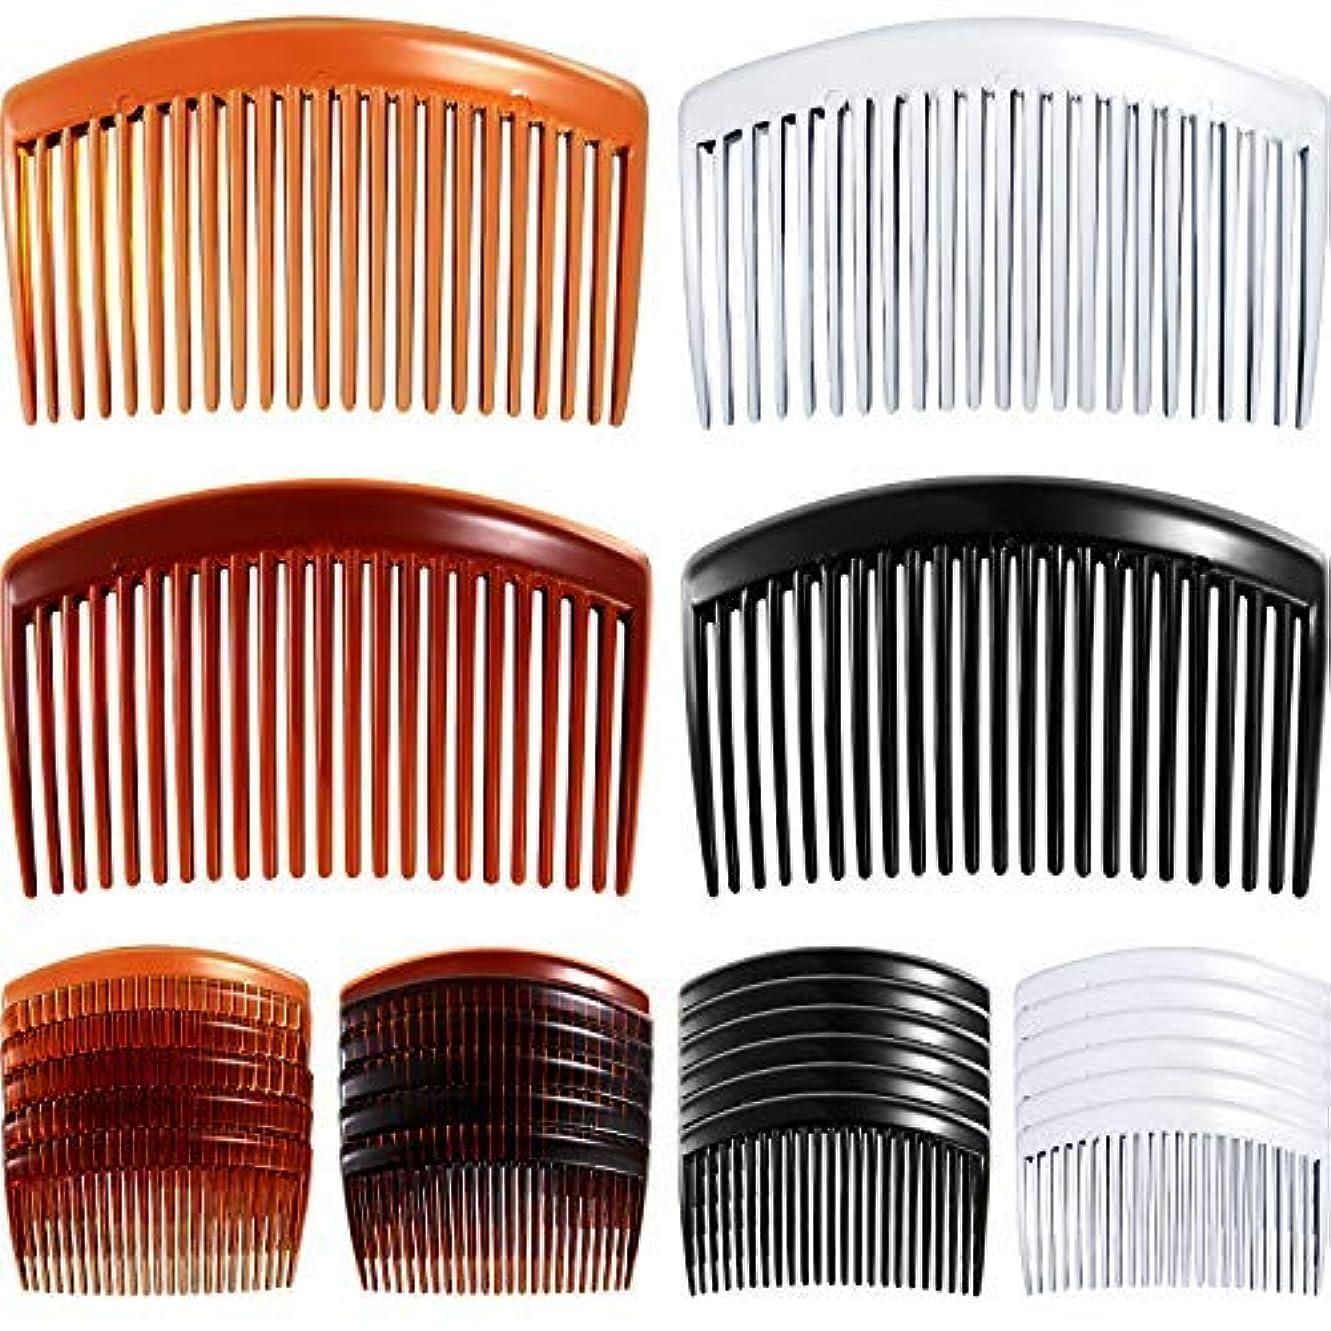 サポート水曜日できた24 Pieces Hair Comb Plastic Hair Side Combs Straight Teeth Hair Clip Comb Bridal Wedding Veil Comb for Fine Hair...